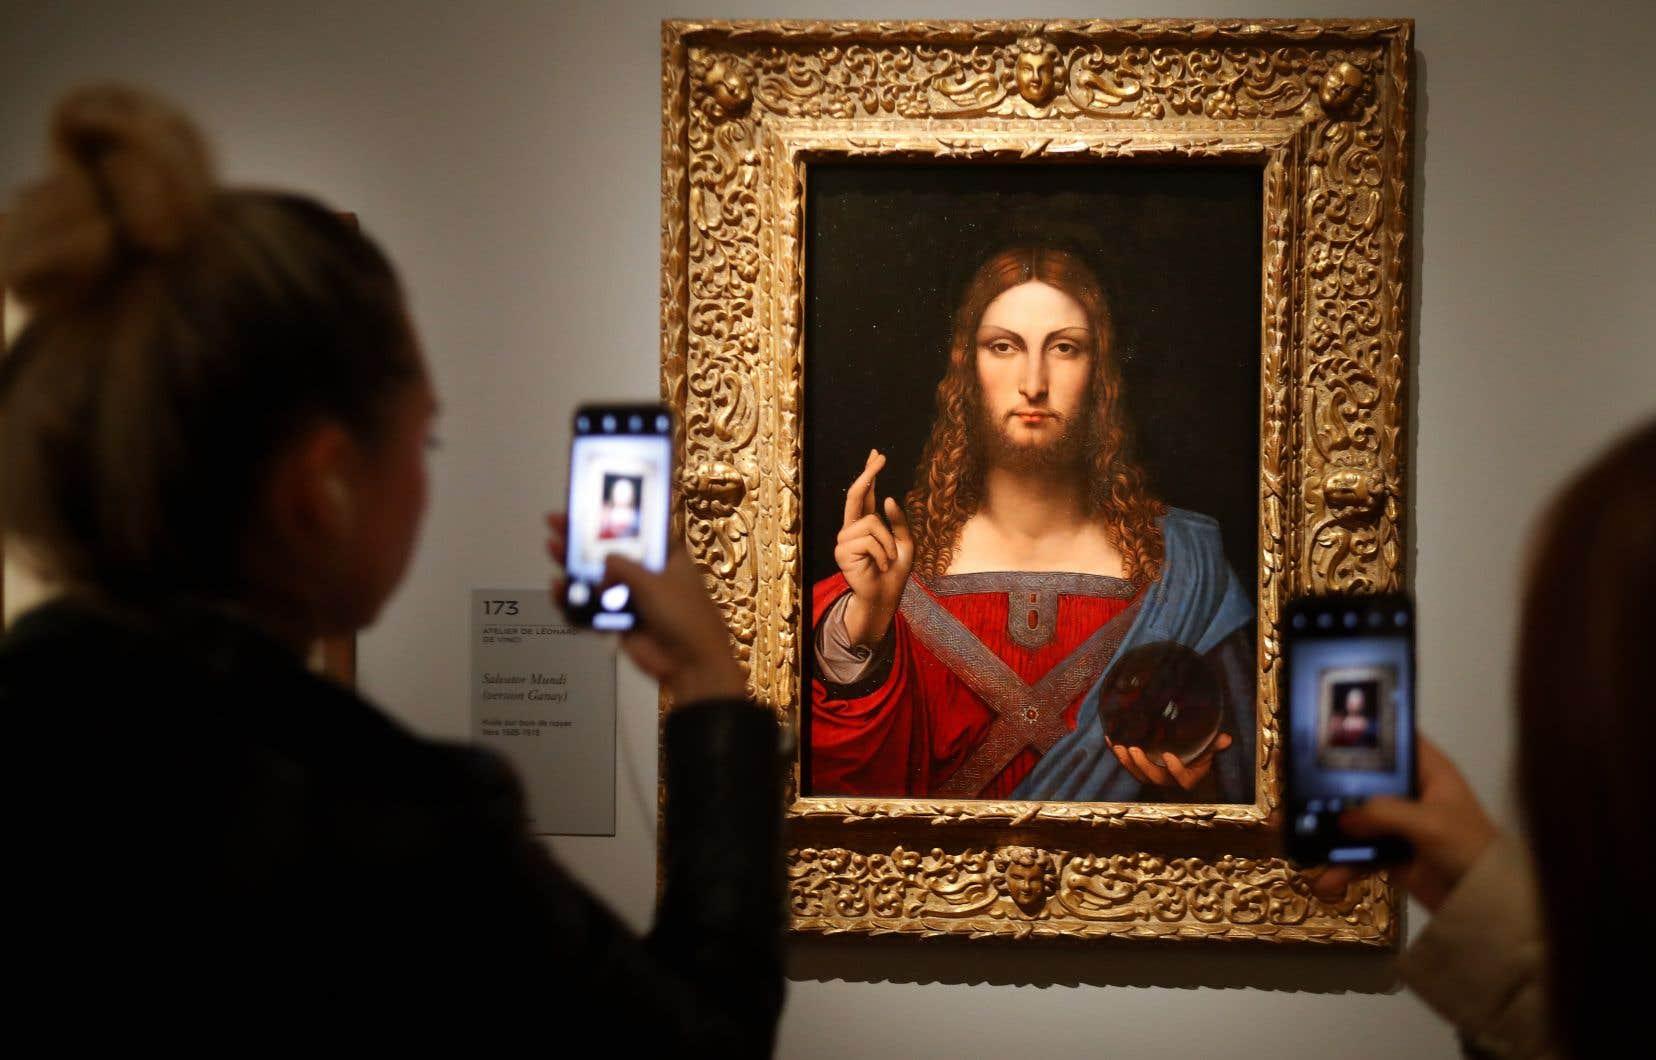 Le célèbre Salvator Mundi n'est pas au rendez-vous, mais des copies de l'oeuvre effectuées par certains des élèves de Léonard de Vinci le sont.